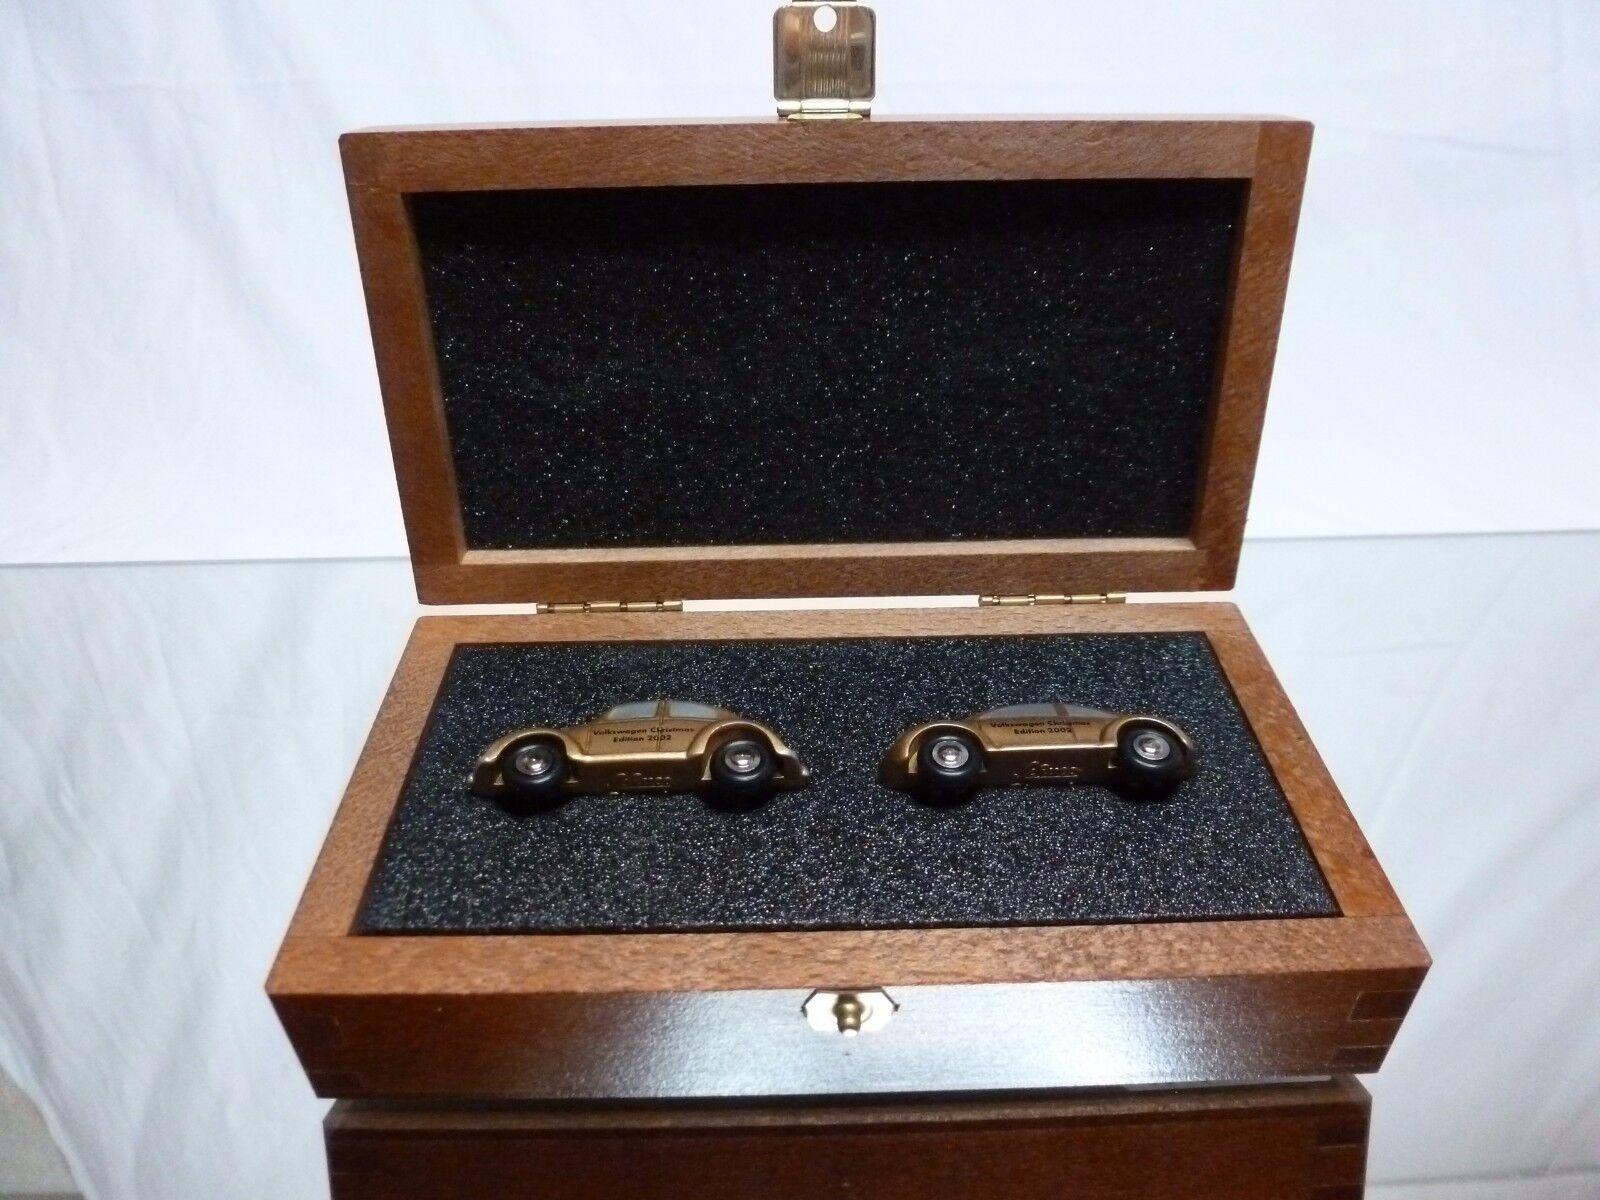 SCHUCO 0753 VW VOLKSWAGEN BEETLE - CHRISTMAS 2002 - oro 1 87 RARE - EXCELLENT